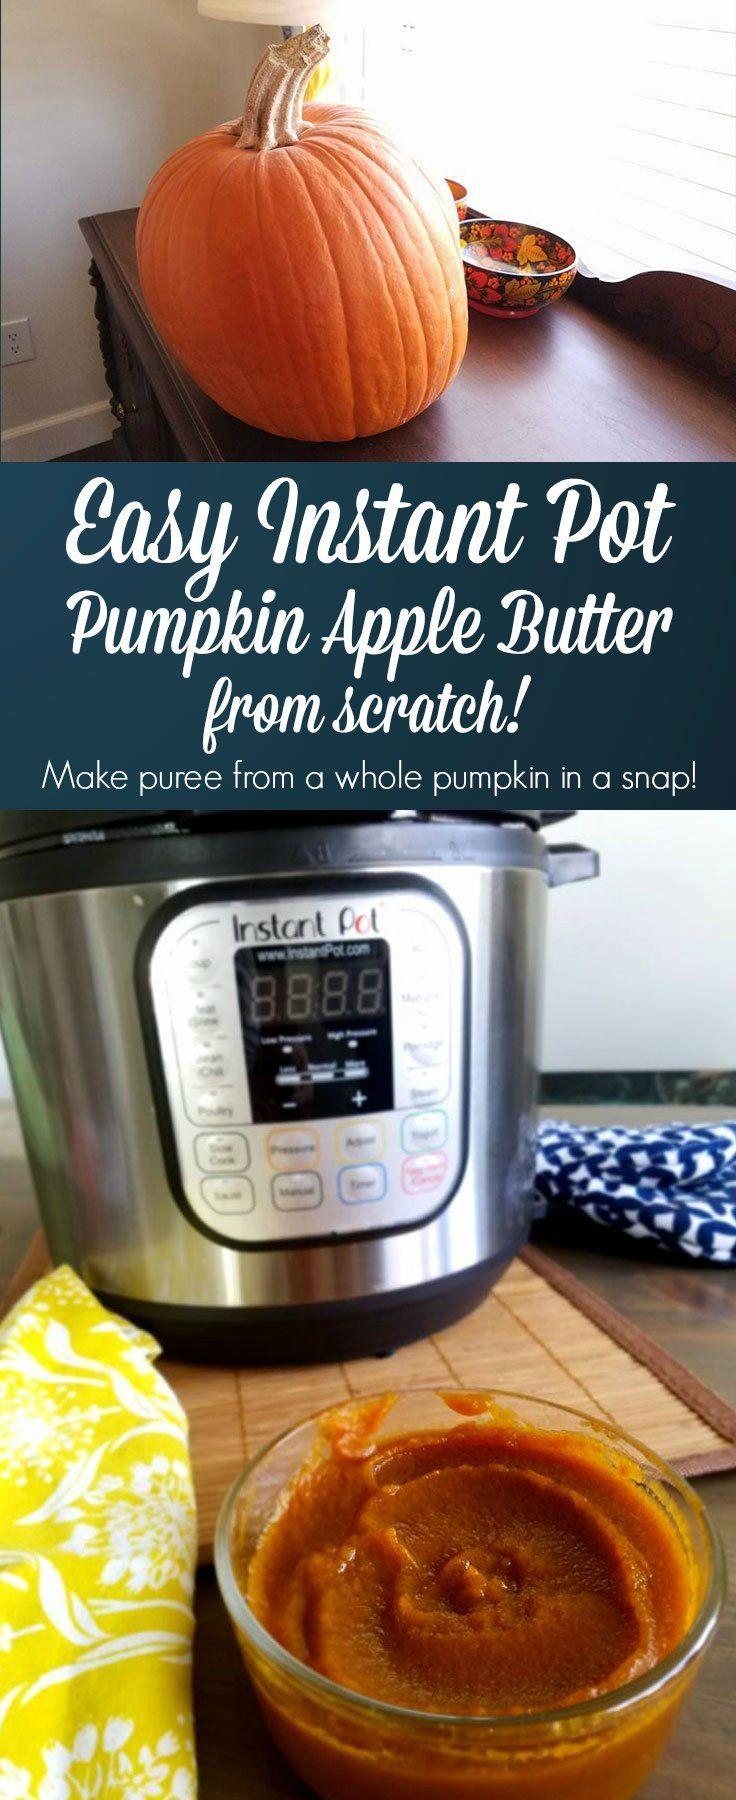 Instant Pot Pumpkin Apple Butter Recipe Apple butter